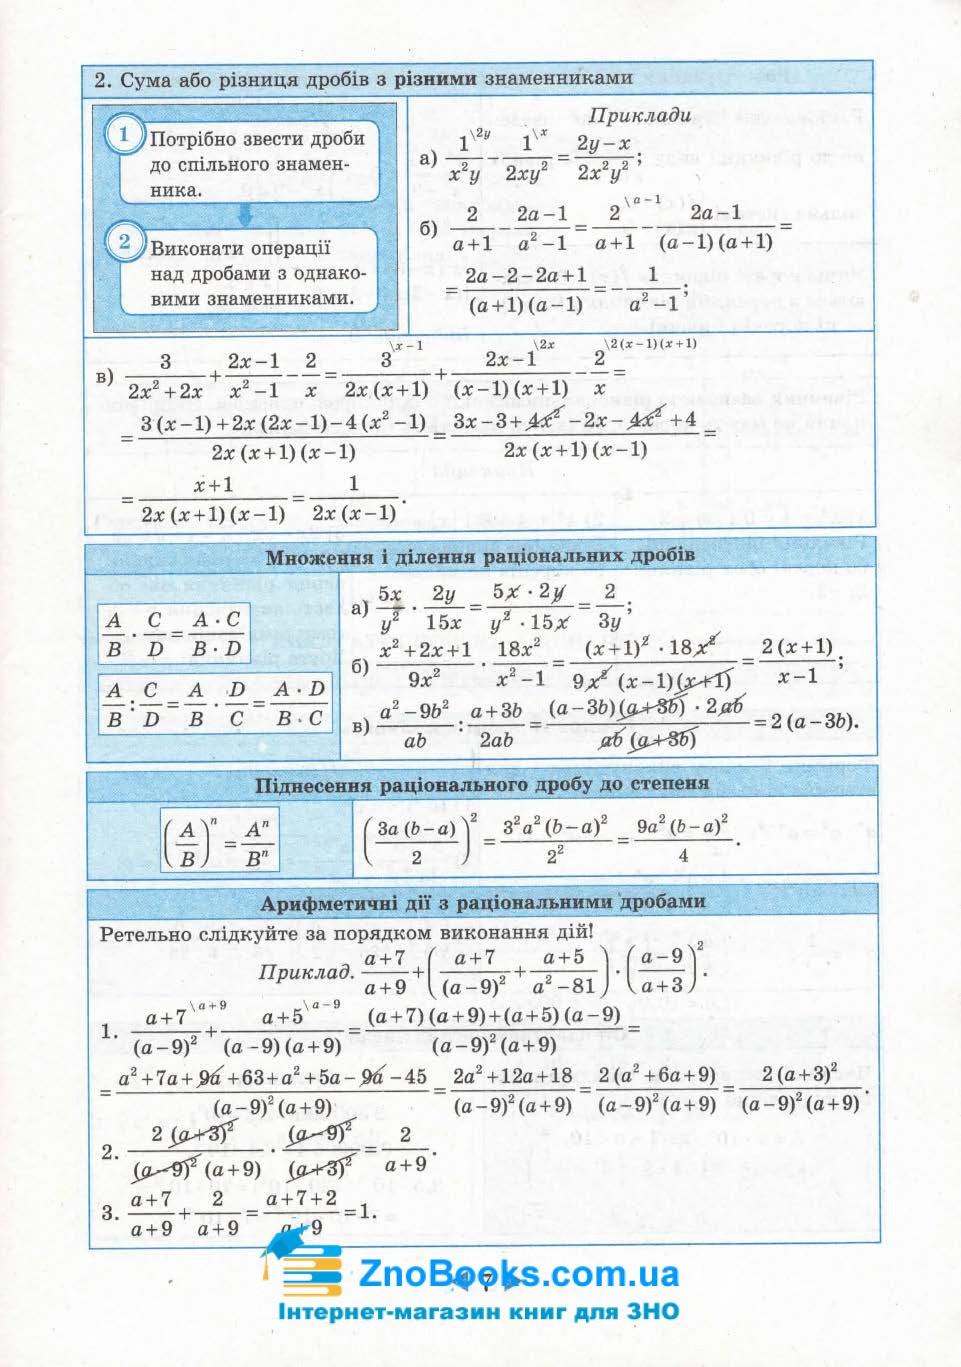 Довідник 7-11 клас з алгебри та геометрії. Підготовка до ЗНО та ДПА. Гальперіна А. Весна 8